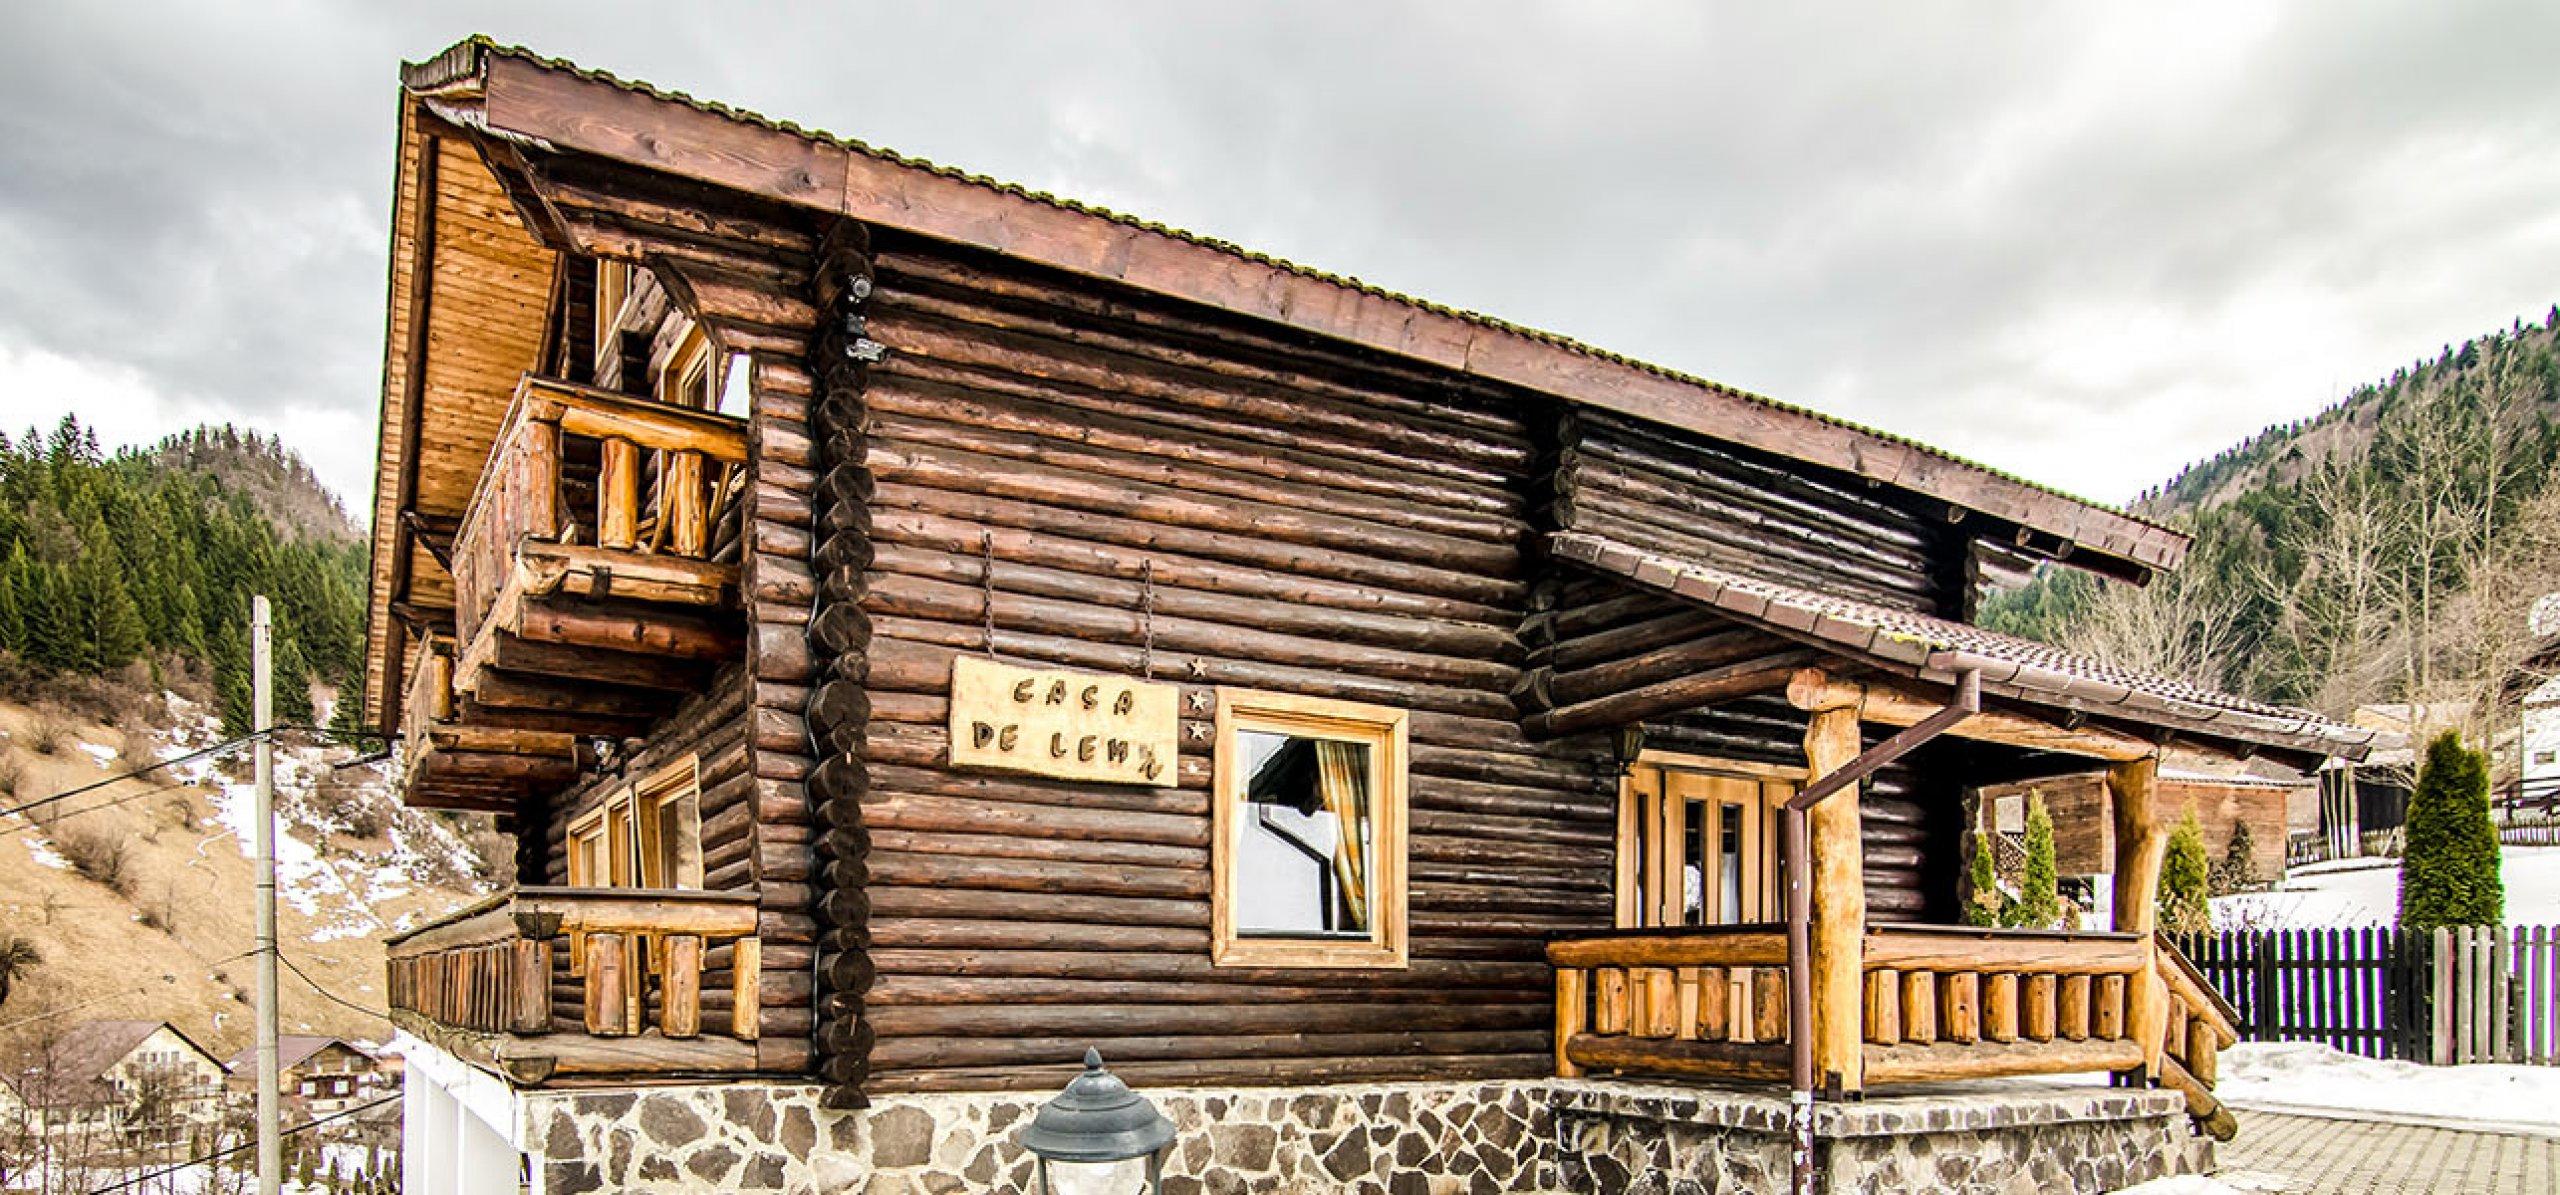 vila-de-lemn-cazare-in-moeciu-1